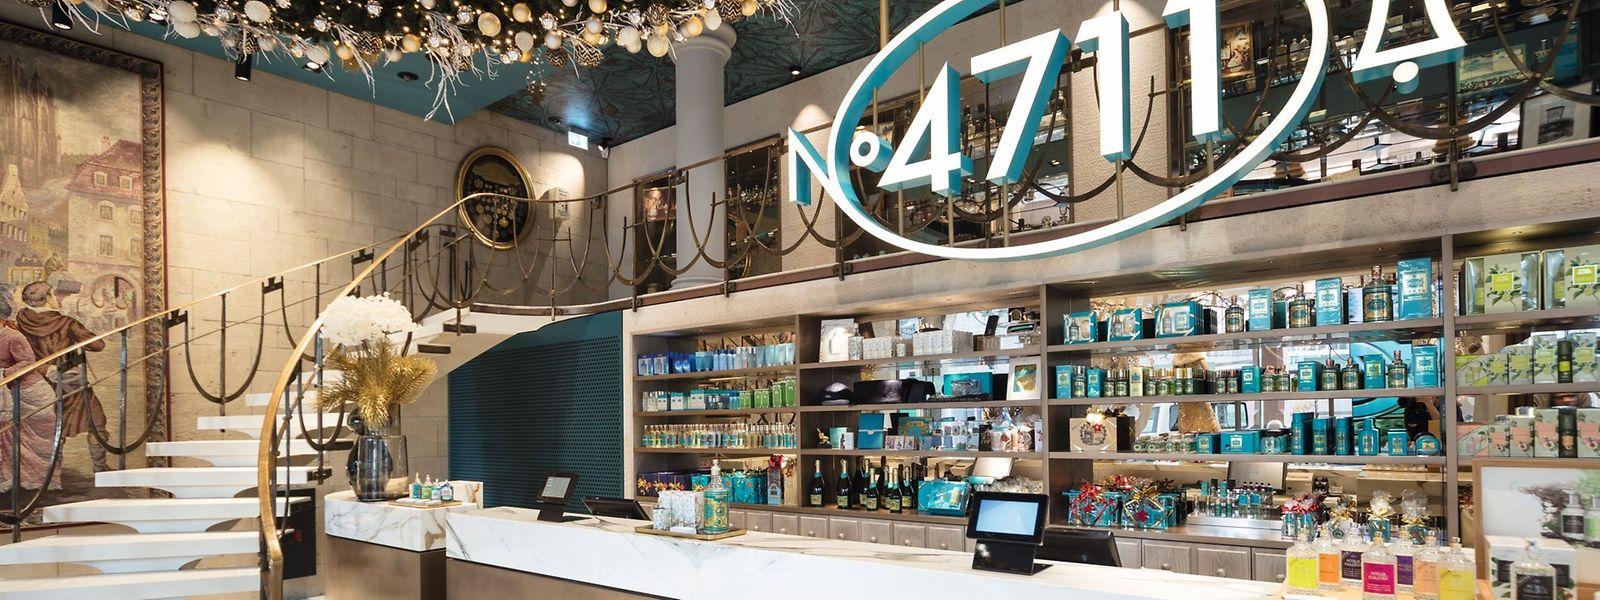 """Das Stammhaus von 4711 empfängt Besucher mit einer Mischung aus Klassik und Moderne - und einem Duftnebel von """"Echt Kölnisch Wasser""""."""